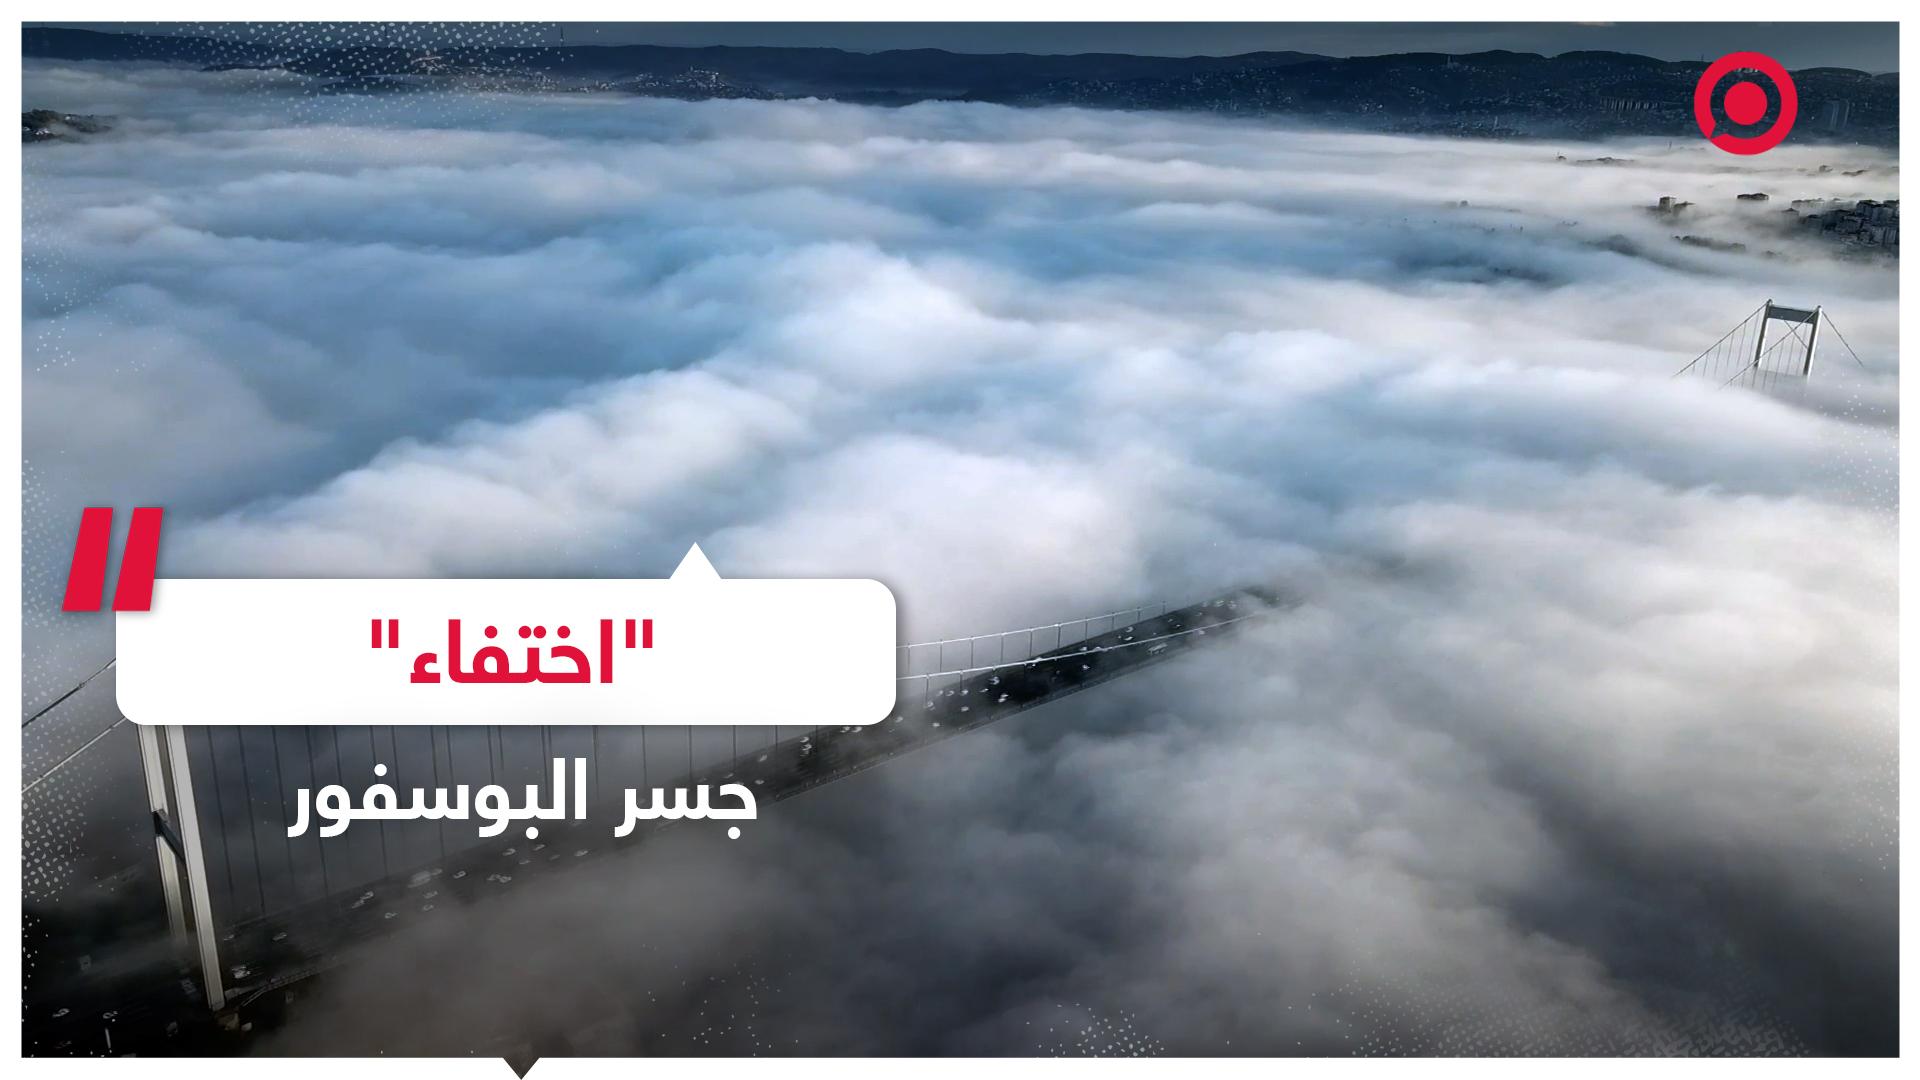 تركيا - جسر البوسفور - الأحوال الجوية